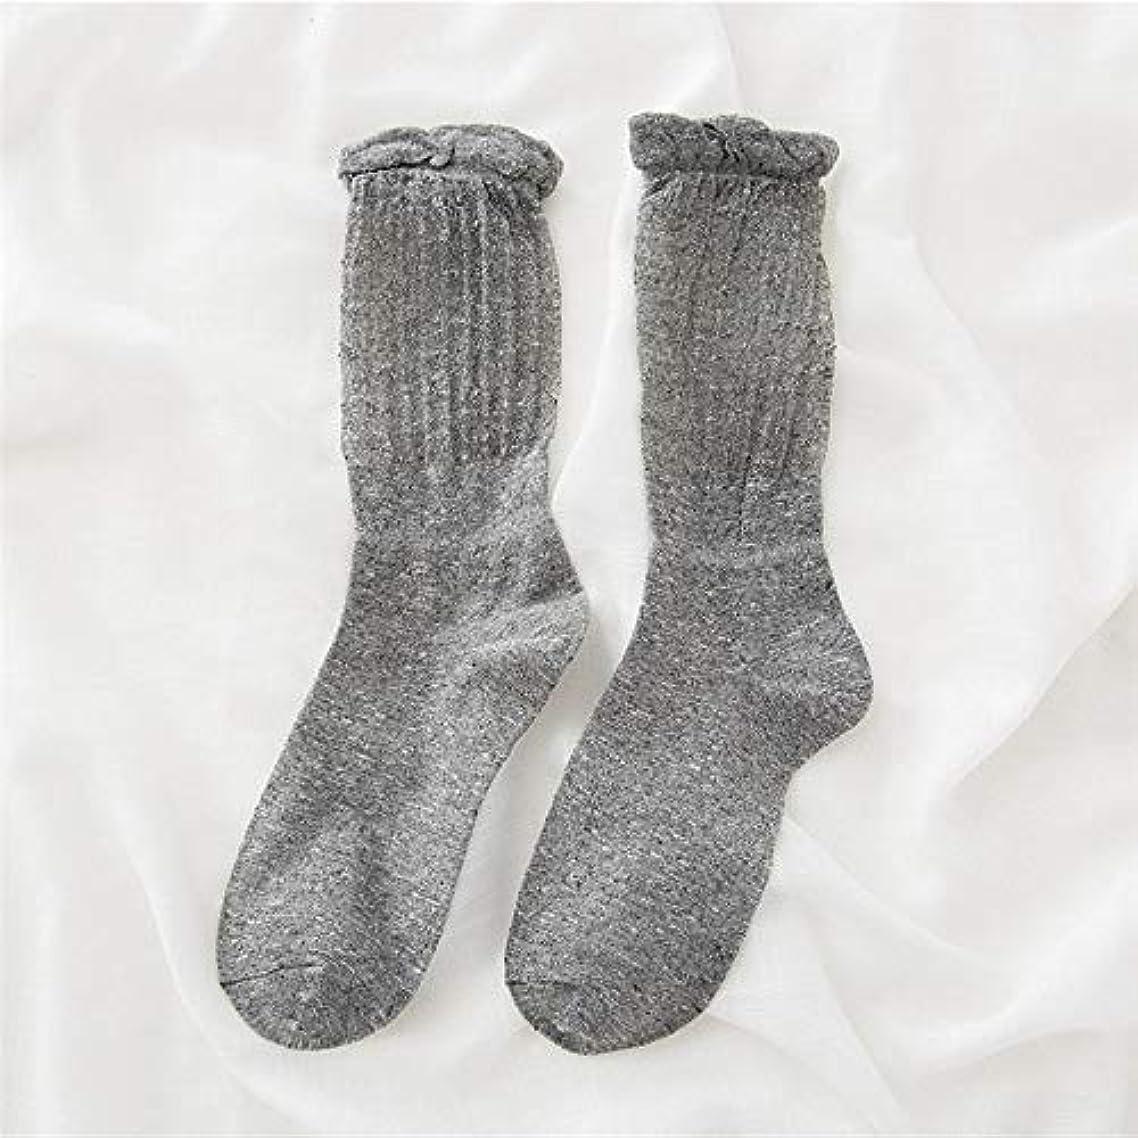 穴ストレッチ後退する靴下の秋と冬の女性の新しい山の韓国のバブル口ストッキング中空金と銀のシルクの女性の靴下綿の靴下